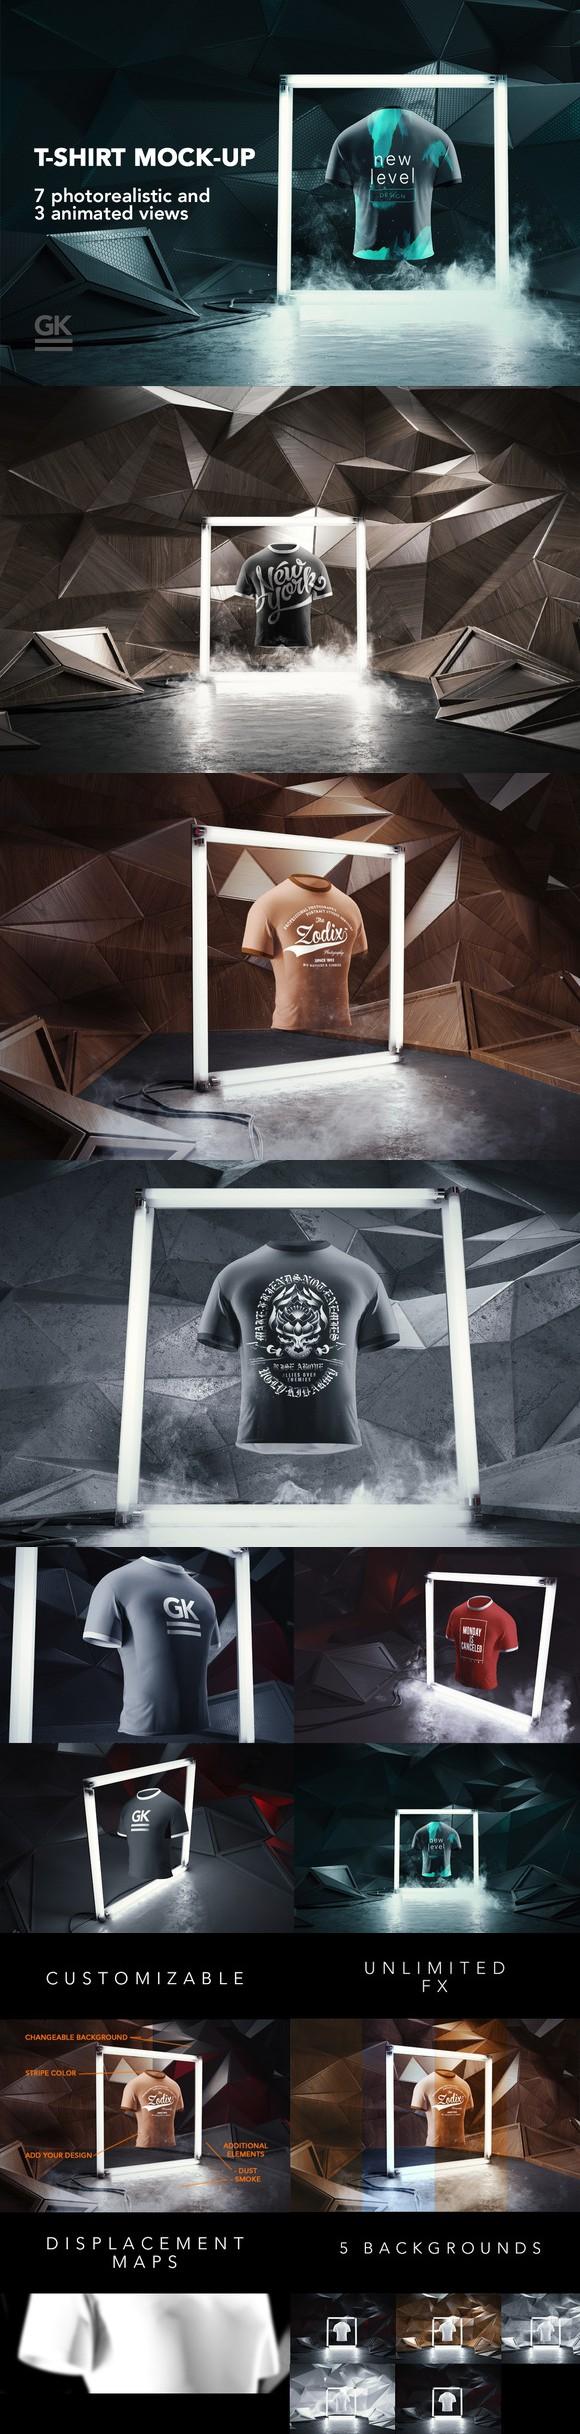 Download Man T Shirt Mock Up Animated Shots Up Animation Tshirt Mockup Mockup